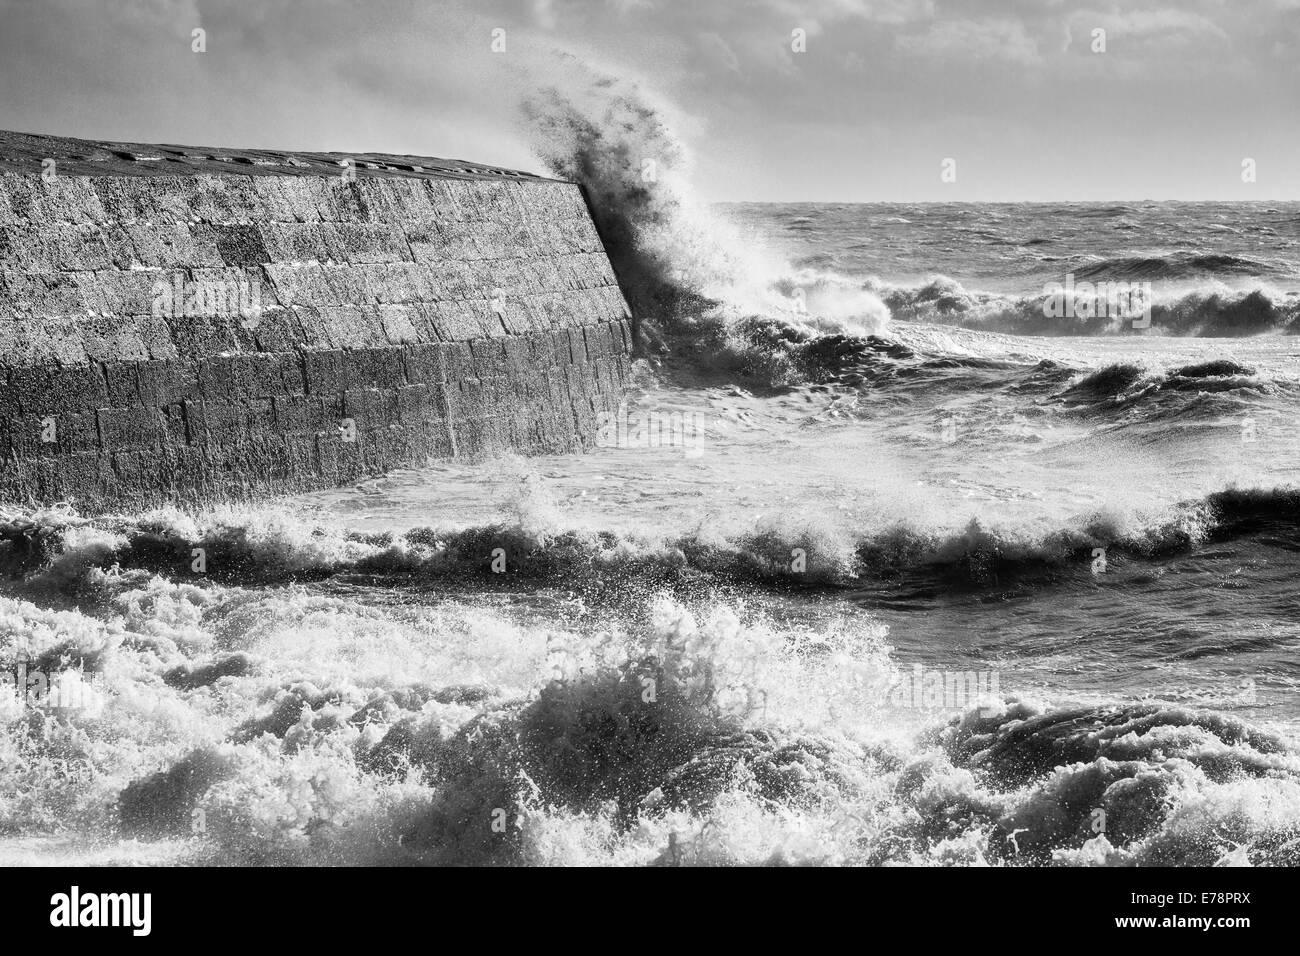 Les ondes de tempête au cours de la rupture au Cobb, Lyme Regis, sur la côte jurassique, Dorset, Angleterre. Photo Stock